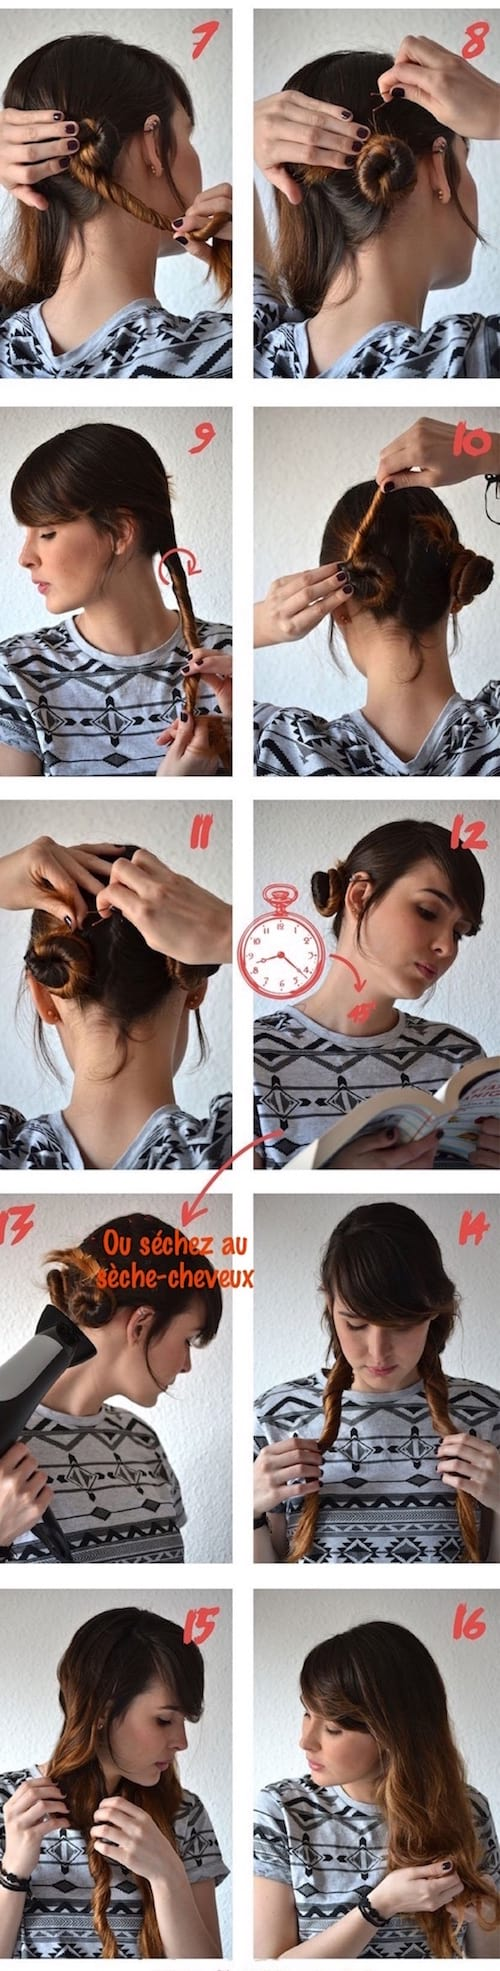 10 Astuces de Coiffeur Pour Boucler Ses Cheveux SANS Fer à Friser. 3eb4b509e08